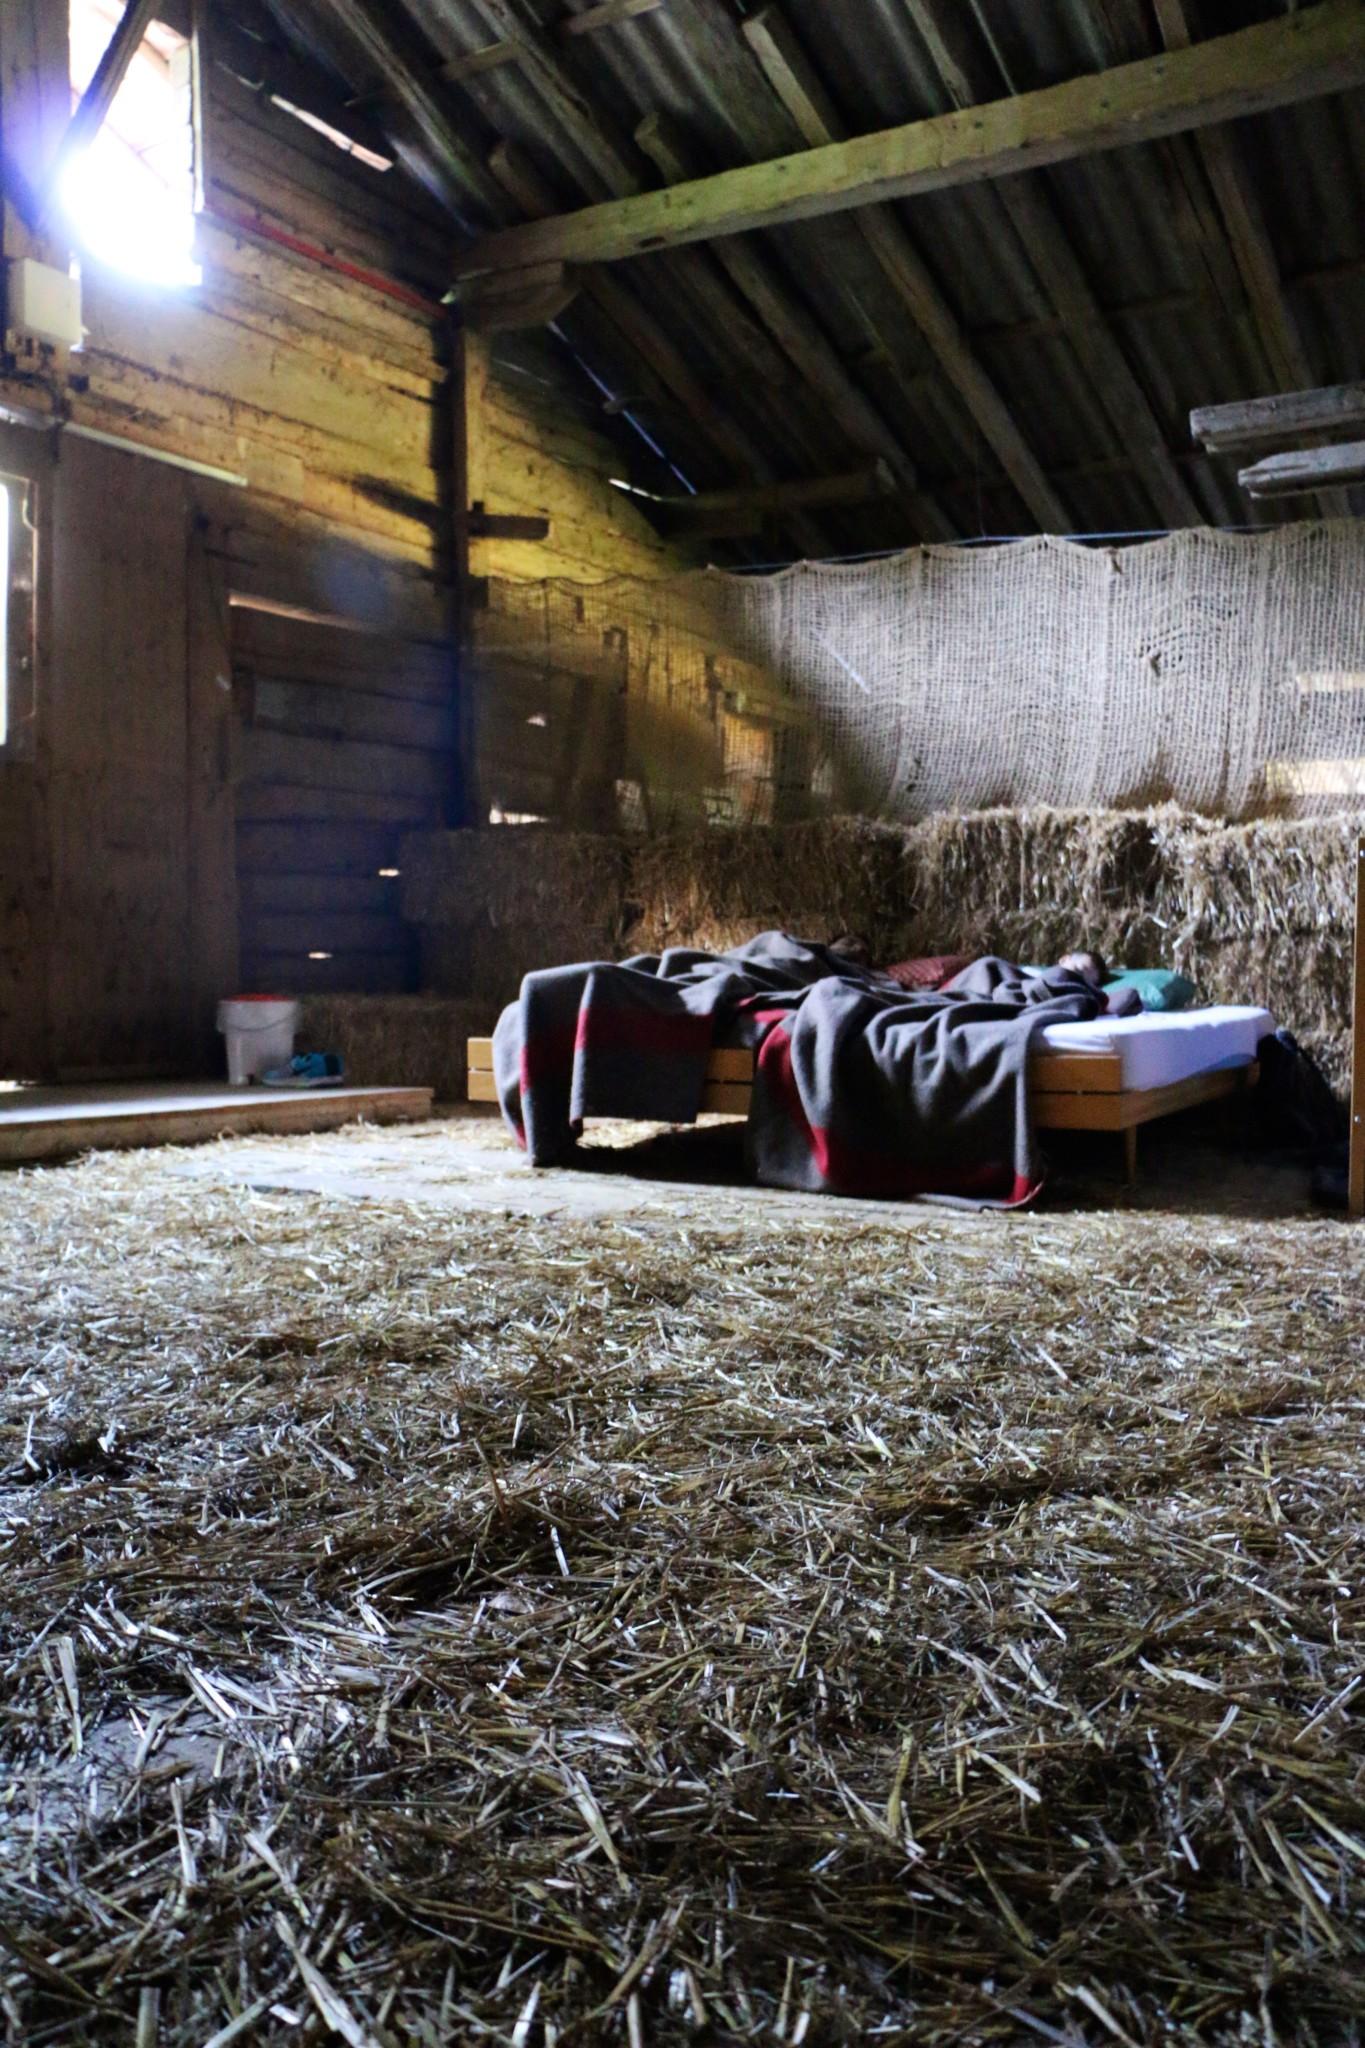 Slept in a Barn